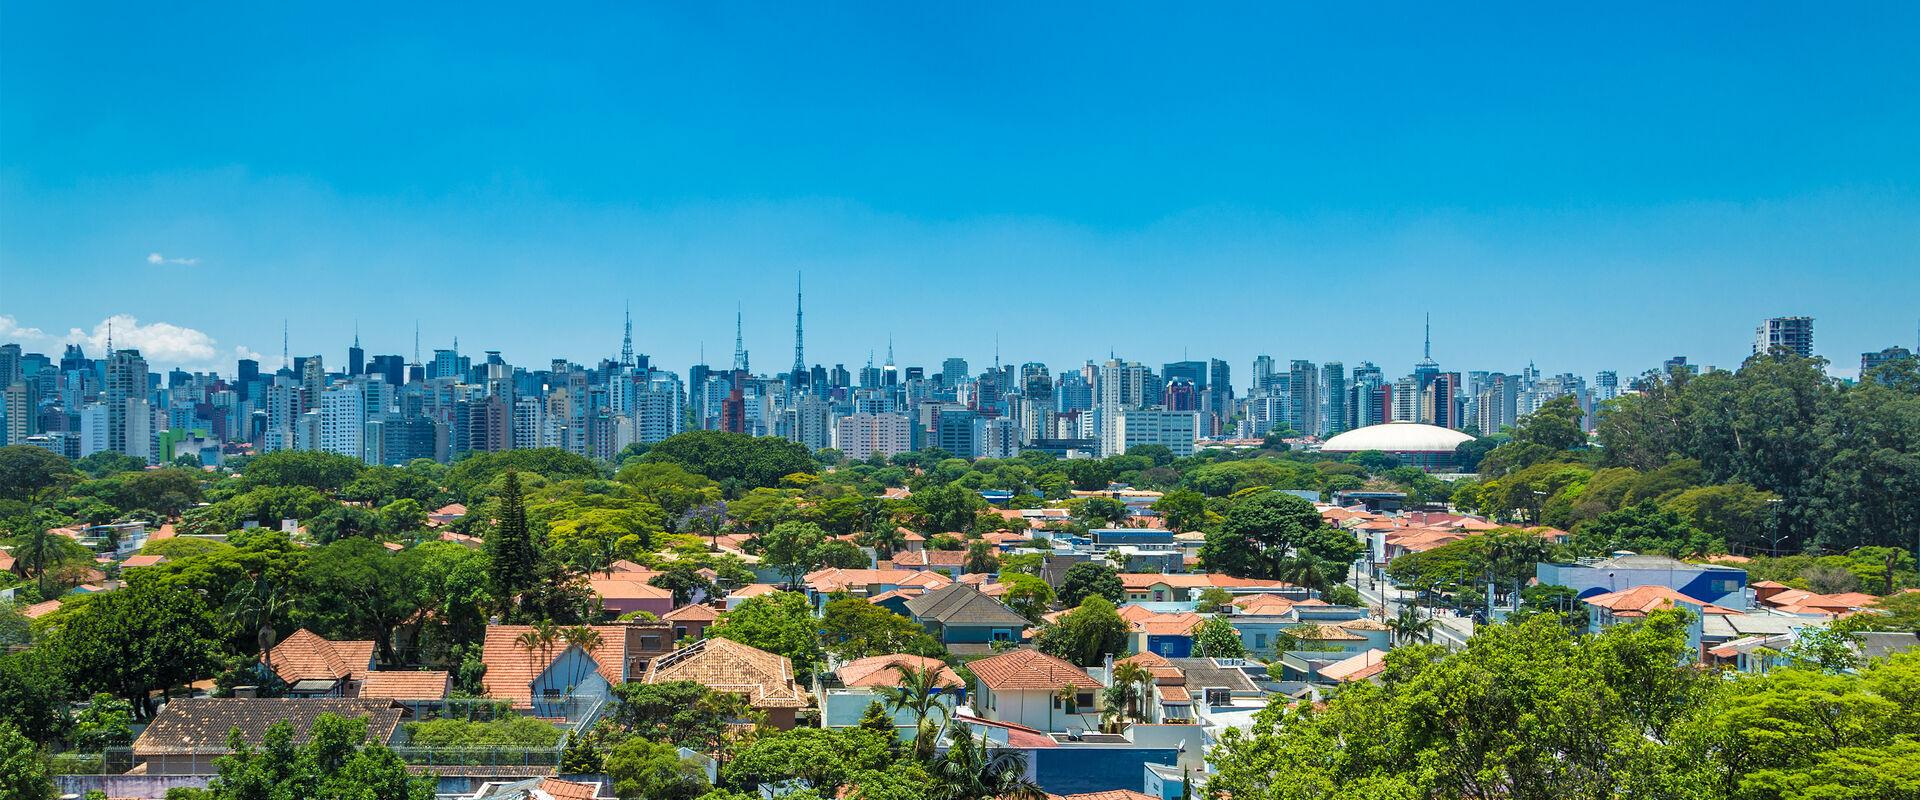 Quelles découvertes ferez-vous à Sao Paulo ?